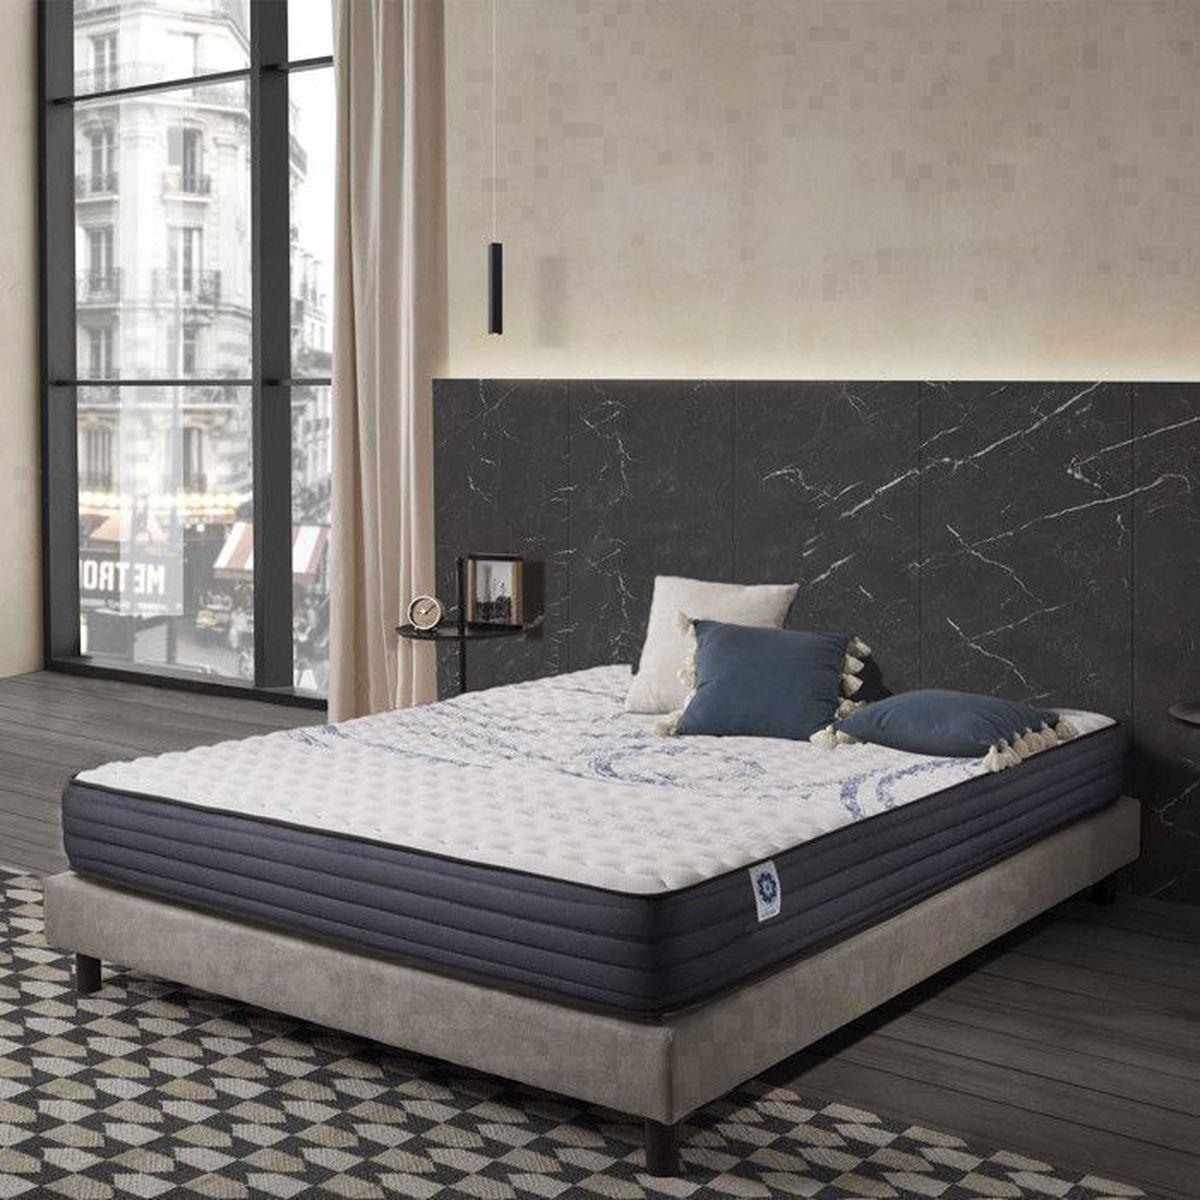 MATELAS Matelas PERFECT SLEEP 160x200 cm Mousse à Mémoire